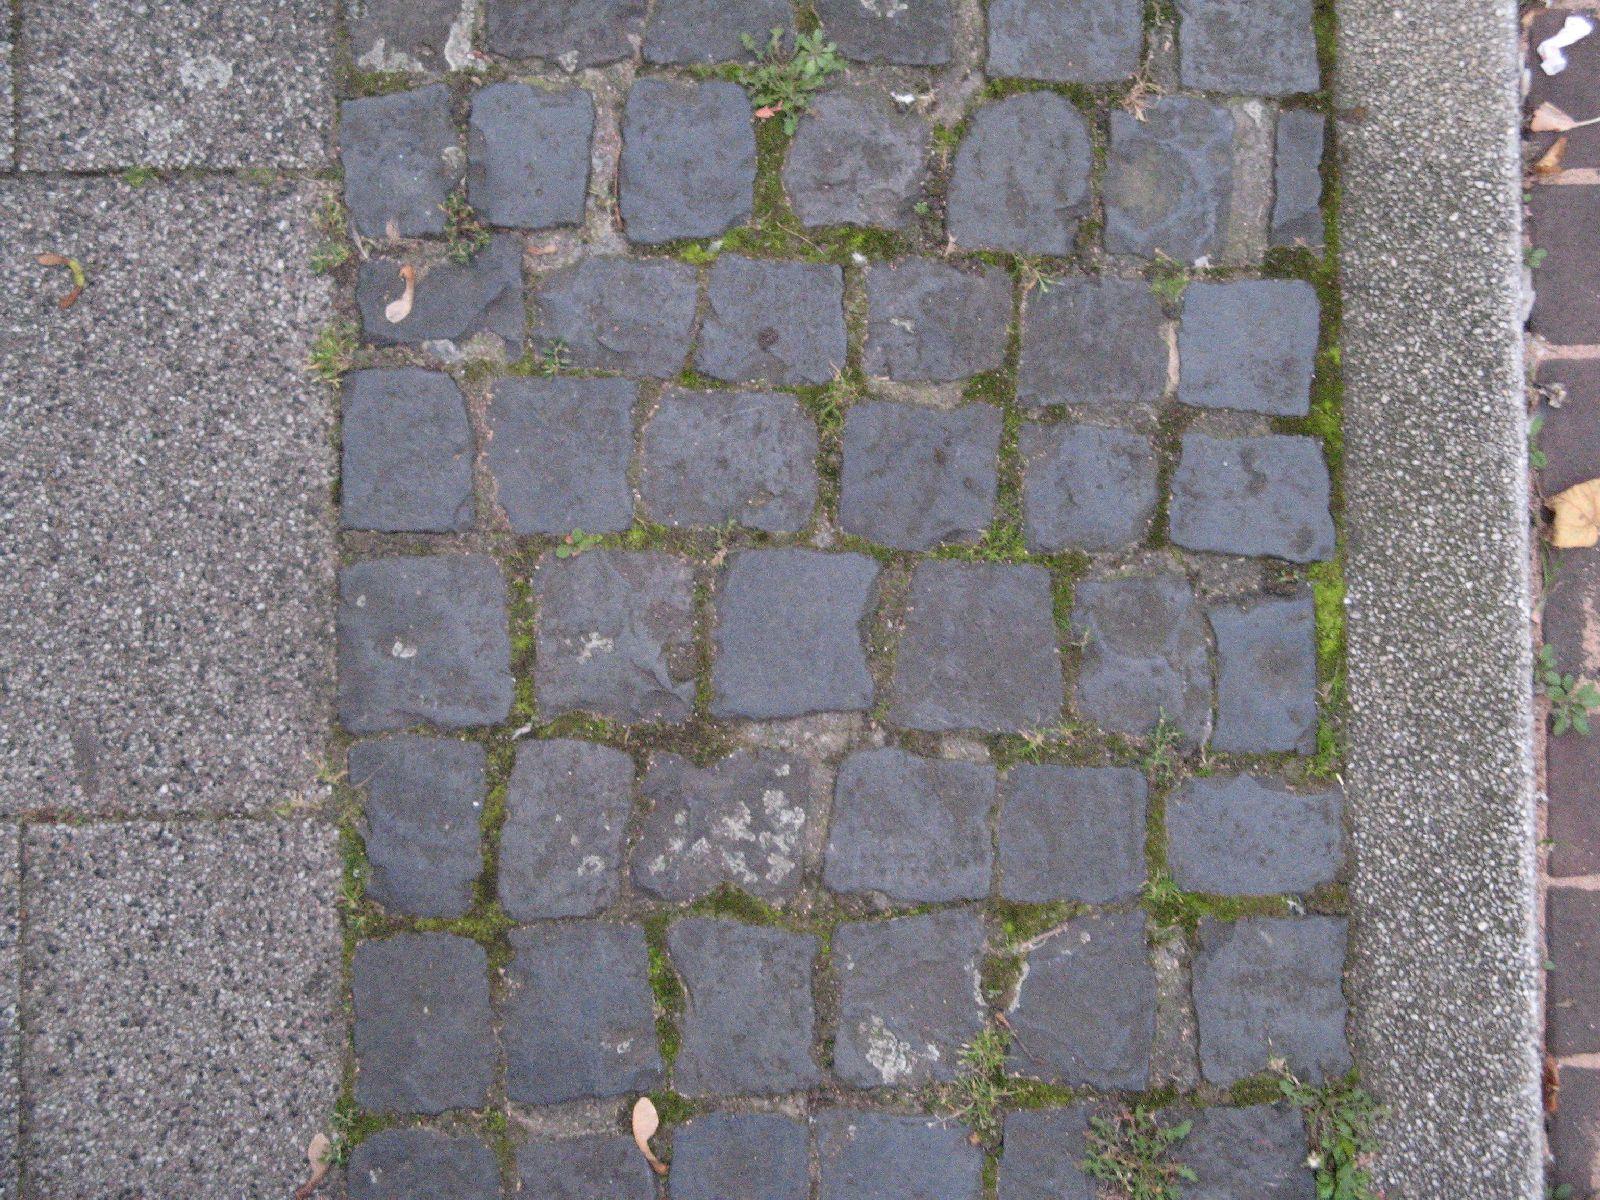 Ground-Urban_Texture_B_3071